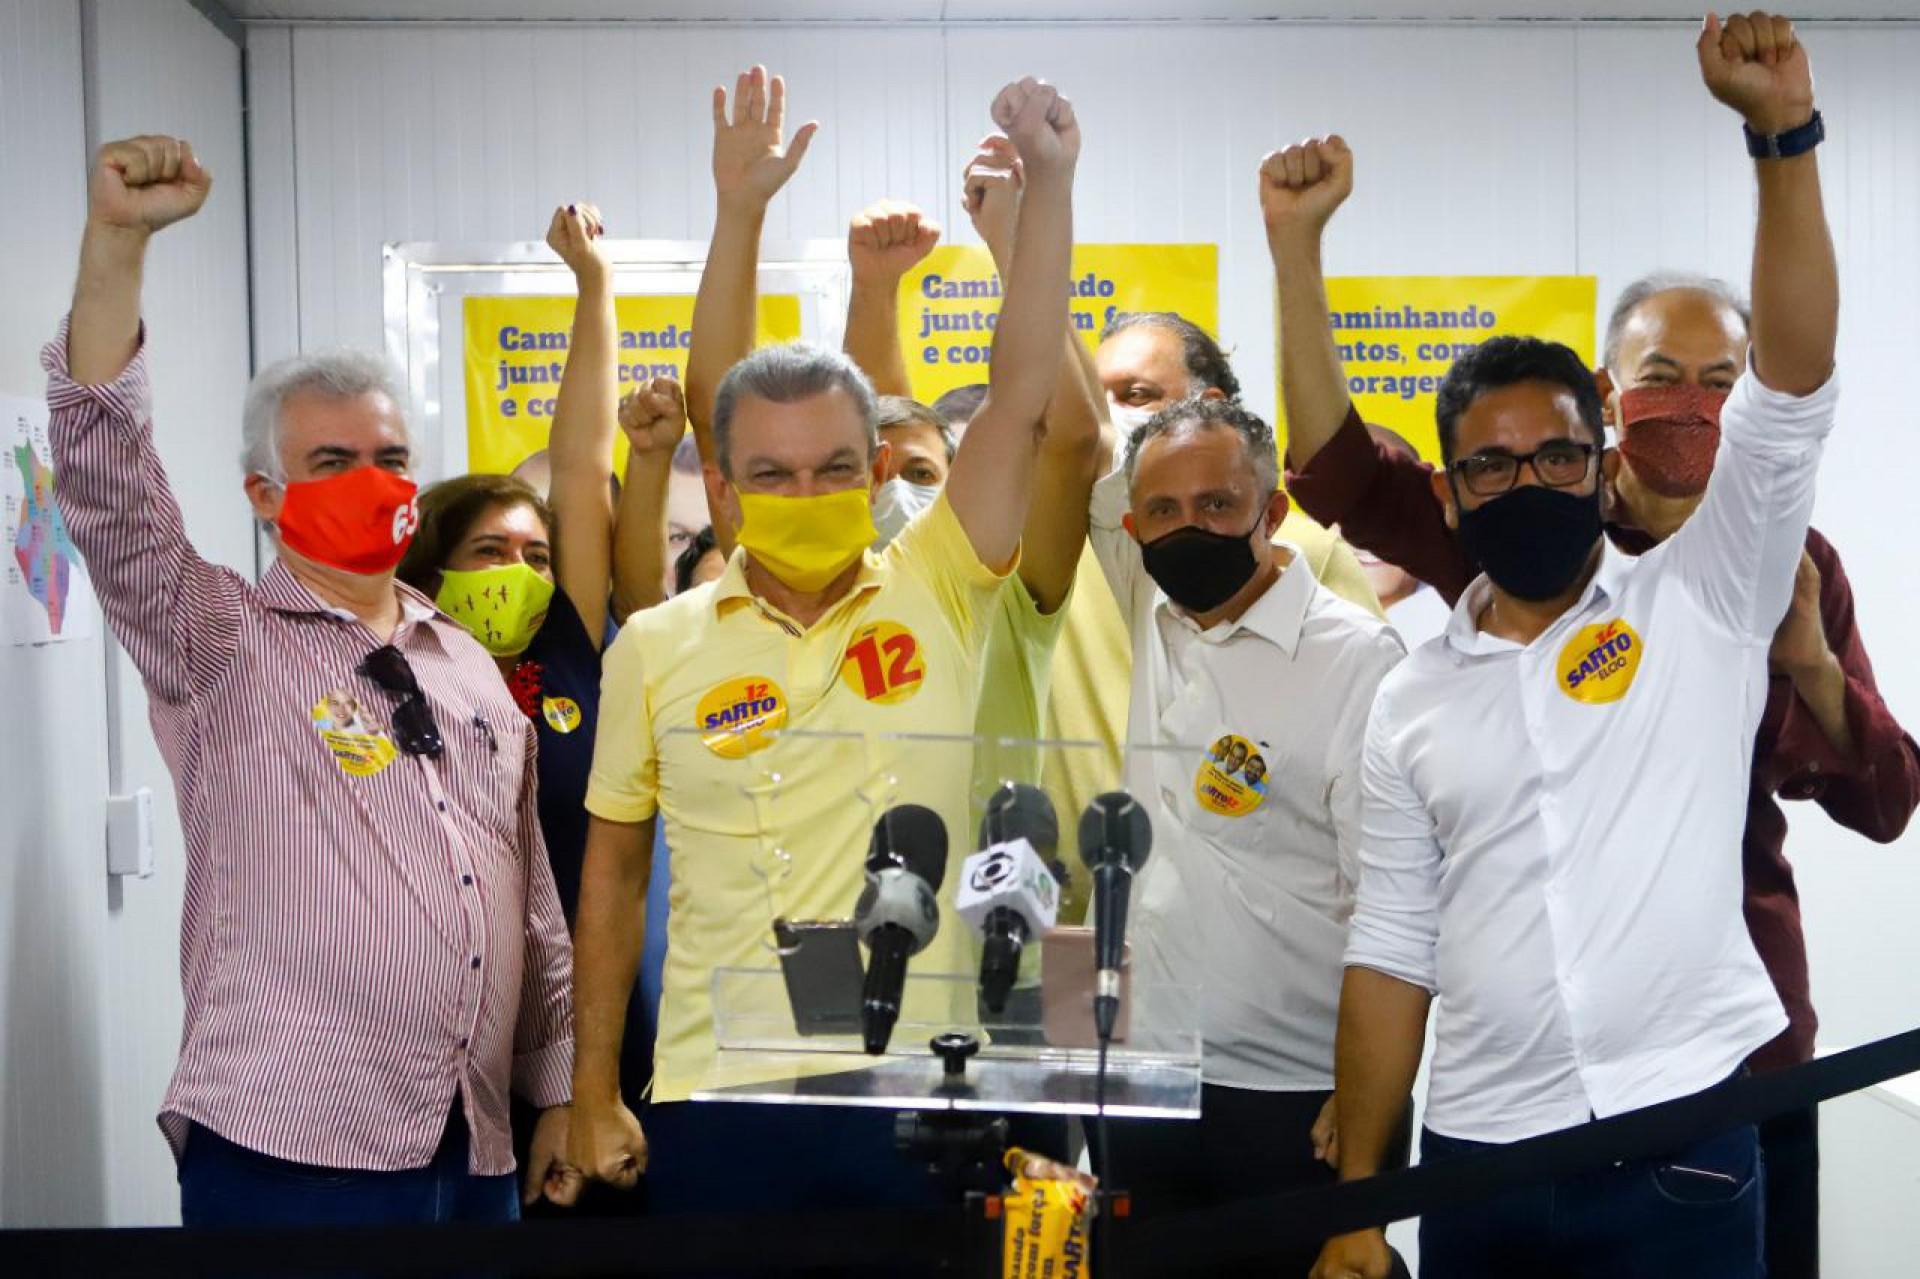 SARTO recebeu apoio das principais lideranças do PCdoB em Fortaleza